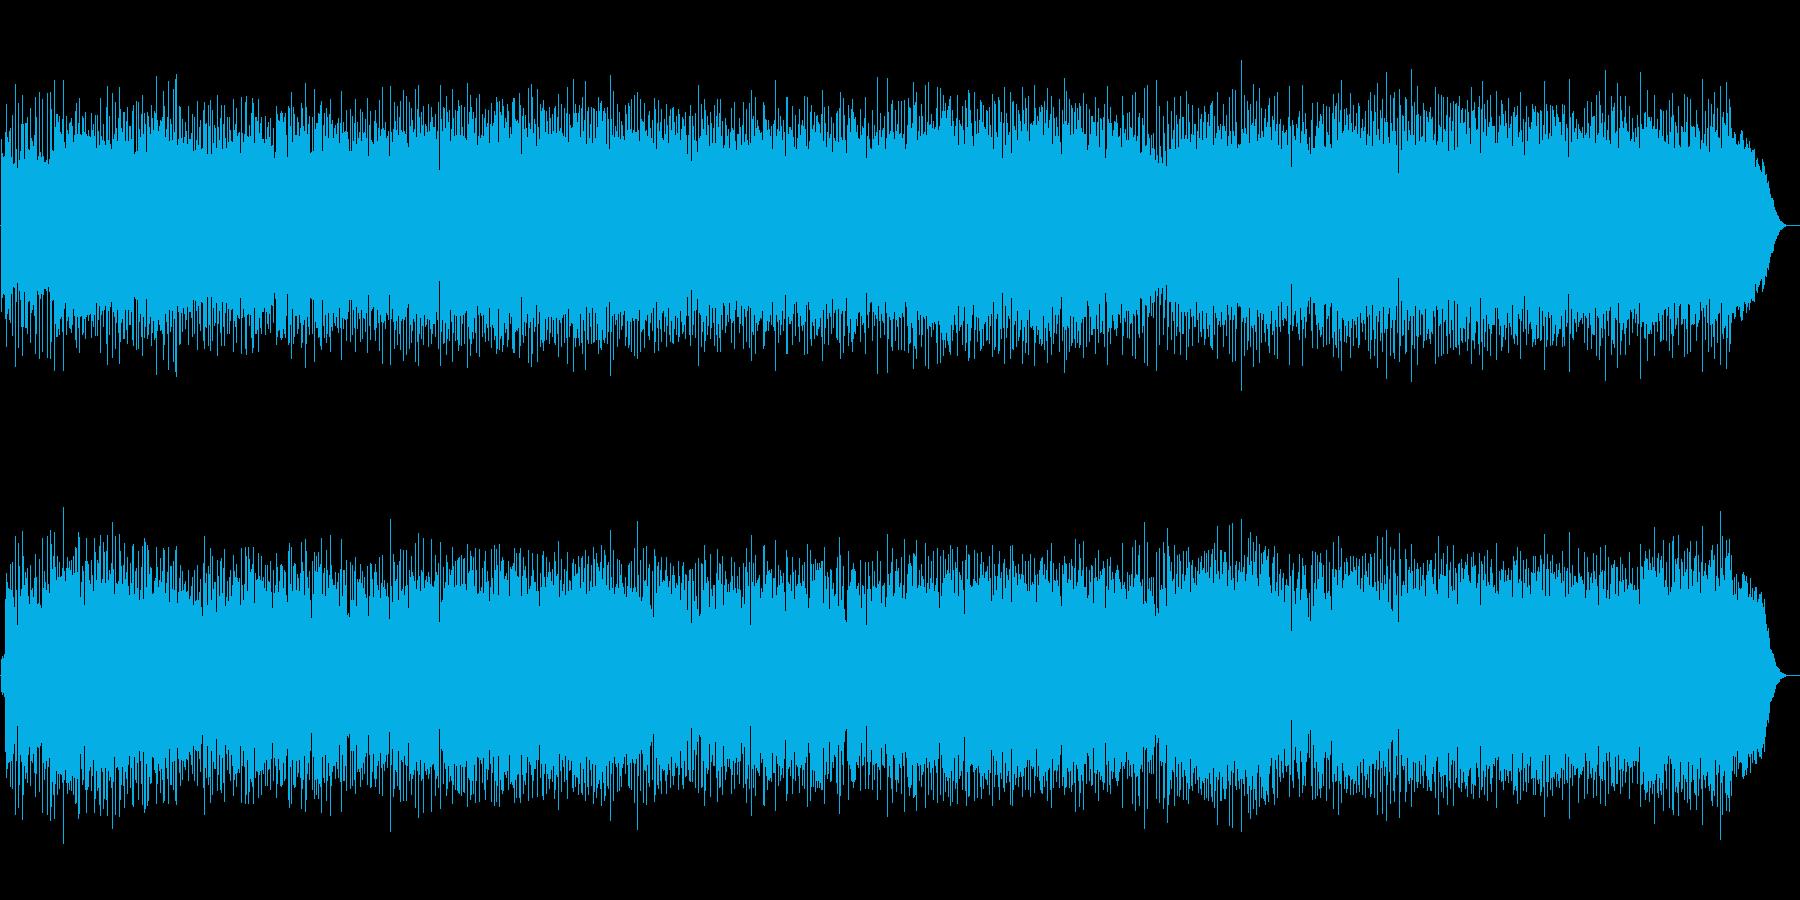 ほのぼの80年代風フォークポップスの再生済みの波形